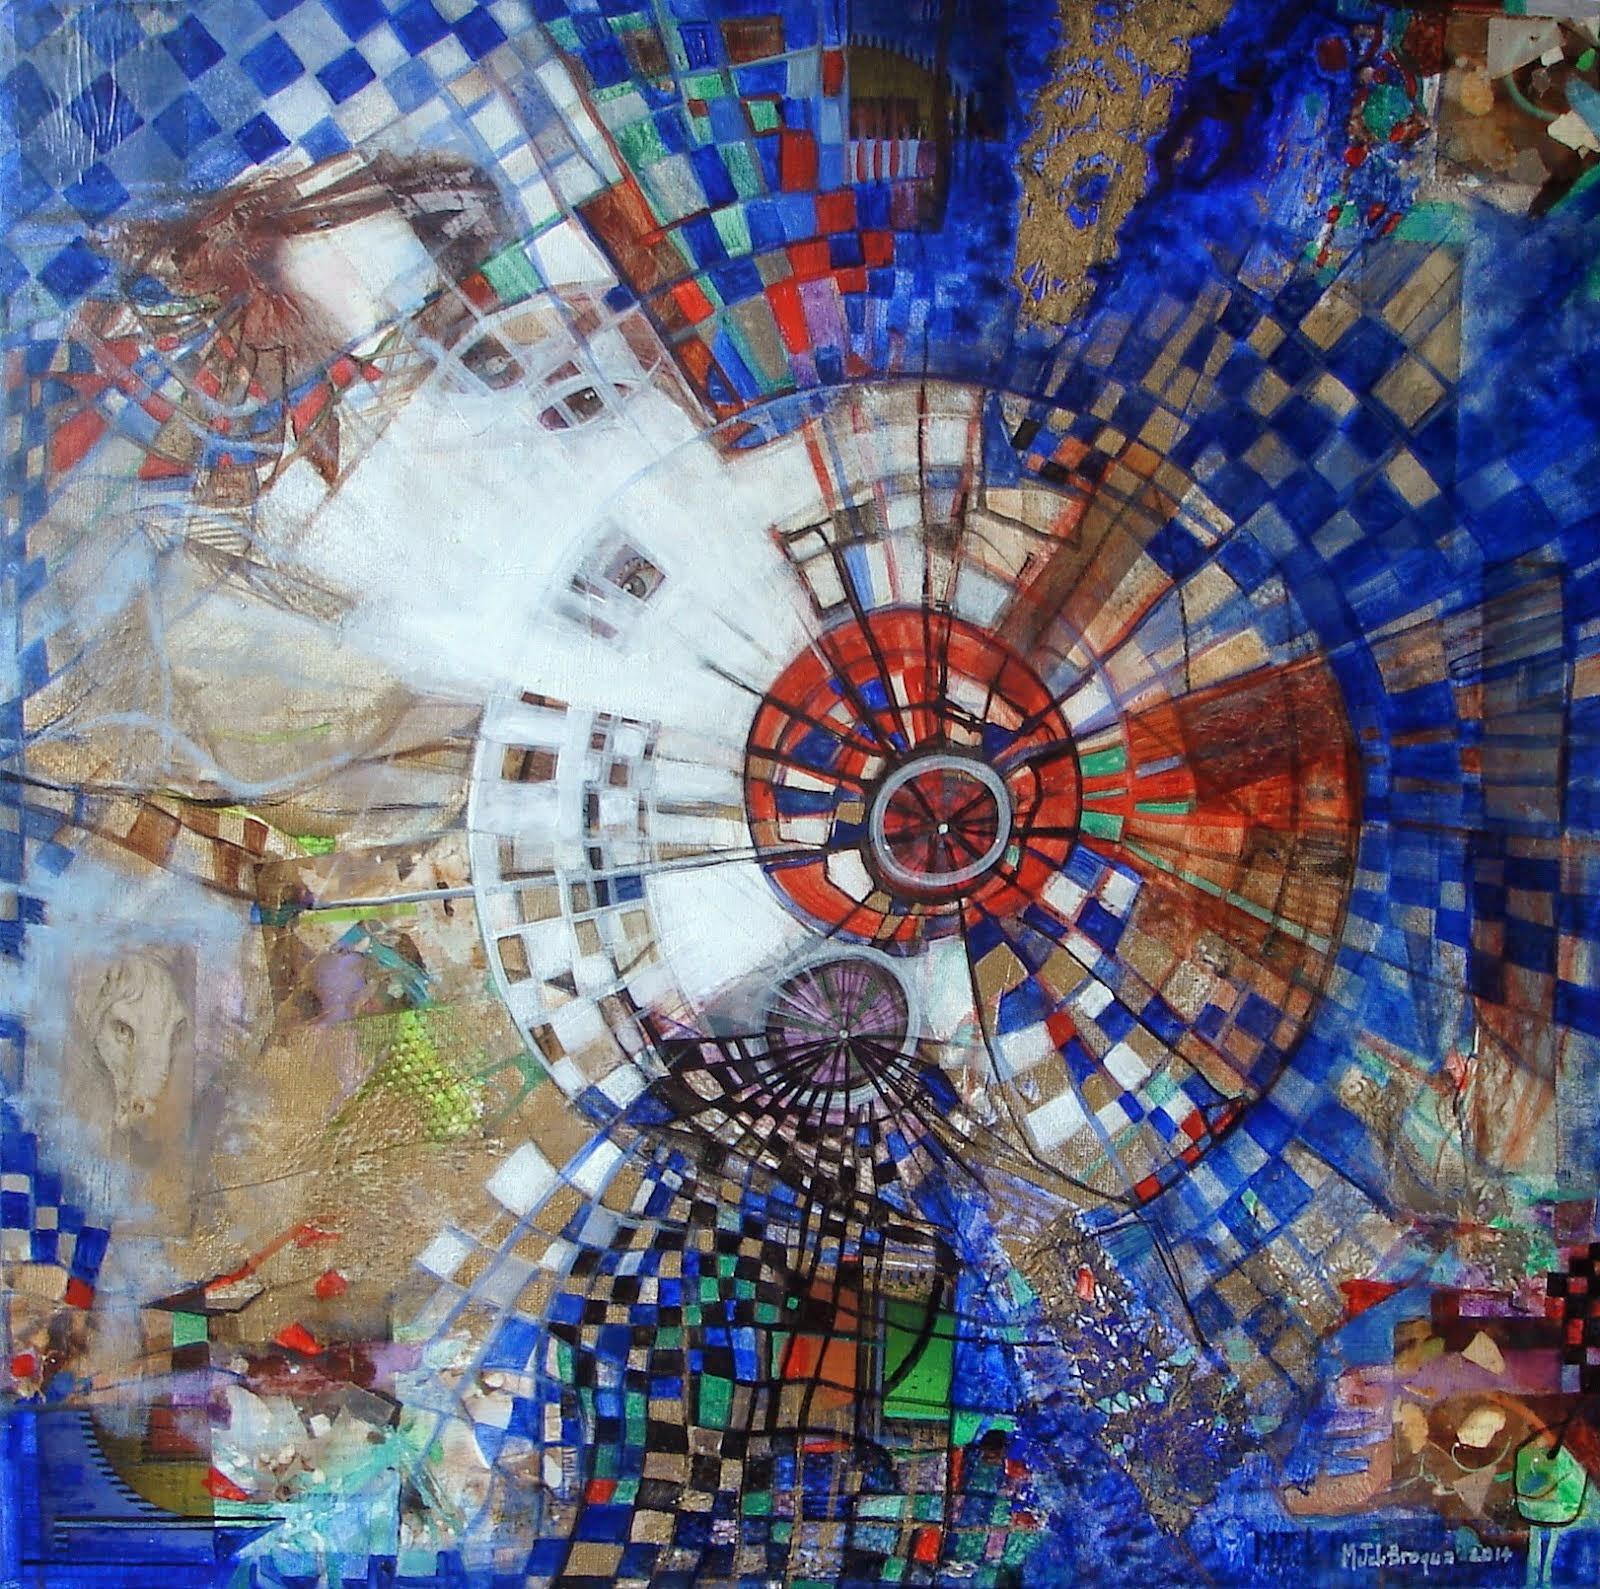 L'amour bleu - 50 x 50 cm - 2014